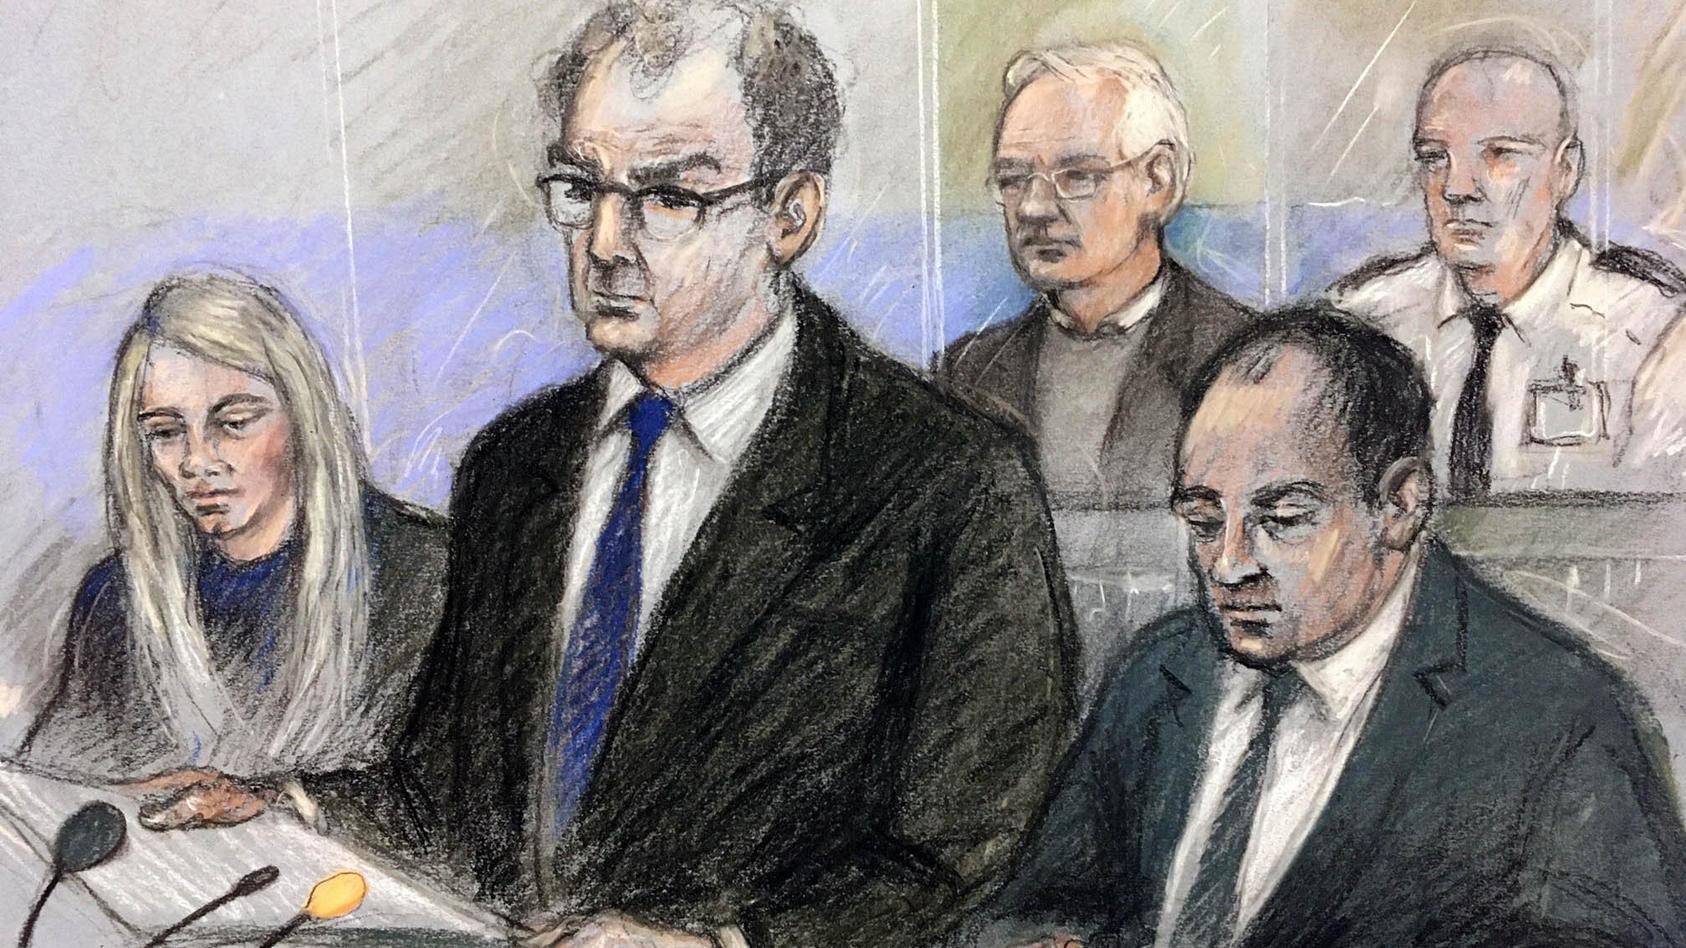 Die Gerichtszeichnung von Elizabeth Cook zeigt Wikileaks-Gründer Julian Assange (hinten,l.) während der Anhörung in London